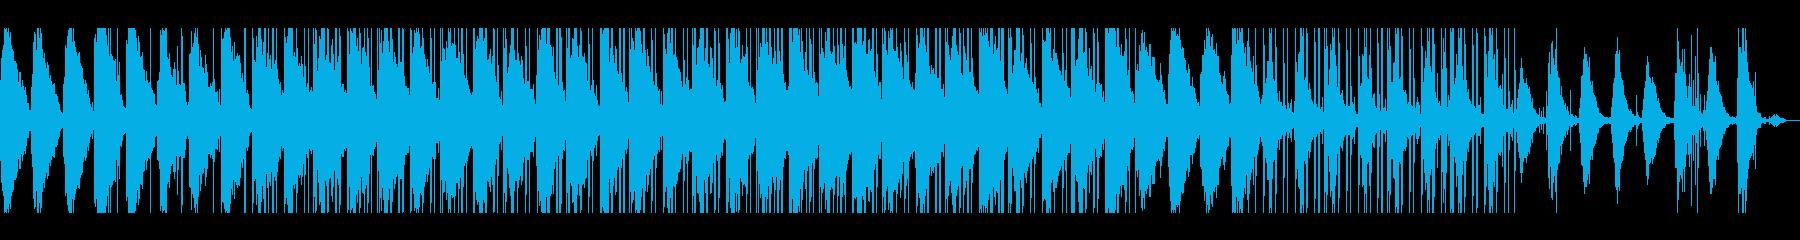 ビーチサーフ Lofi Hhiphopの再生済みの波形